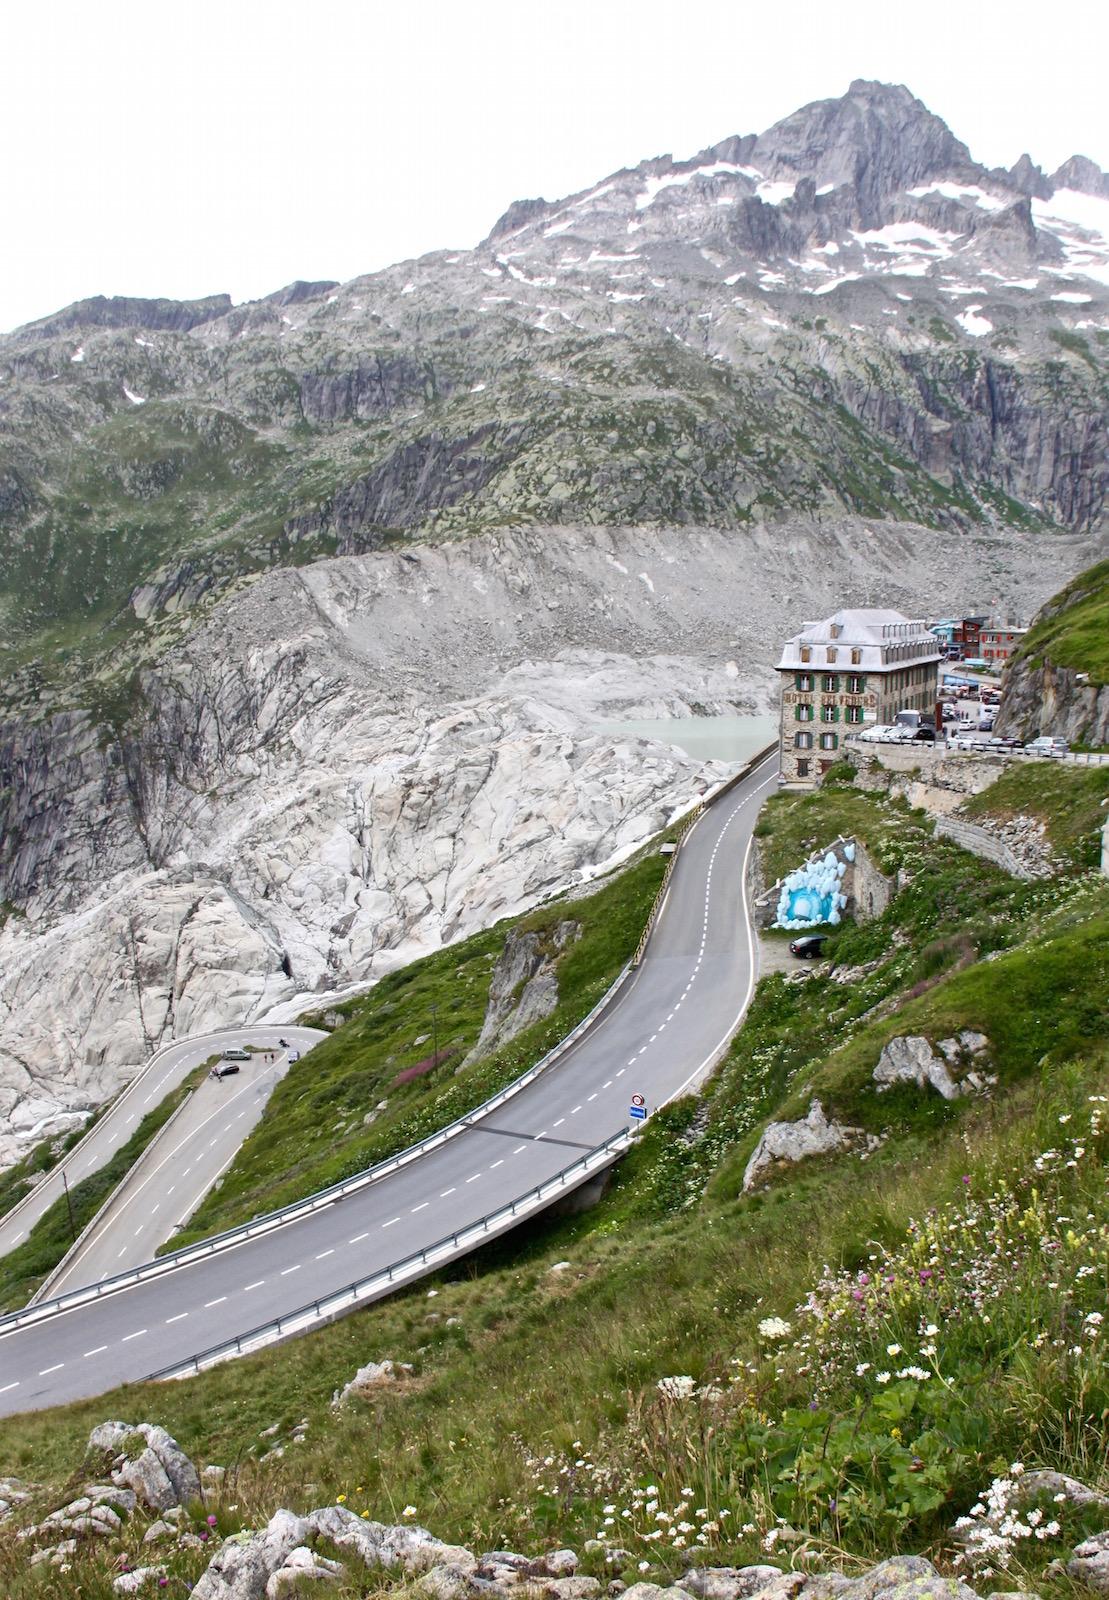 Wie mächtig sich der Rhône-Gletscher einst am Hotel Belvedere ausbreitete, lässt sich heute nur noch erahnen. Das Eis hat sich schon weit zurückgezogen.